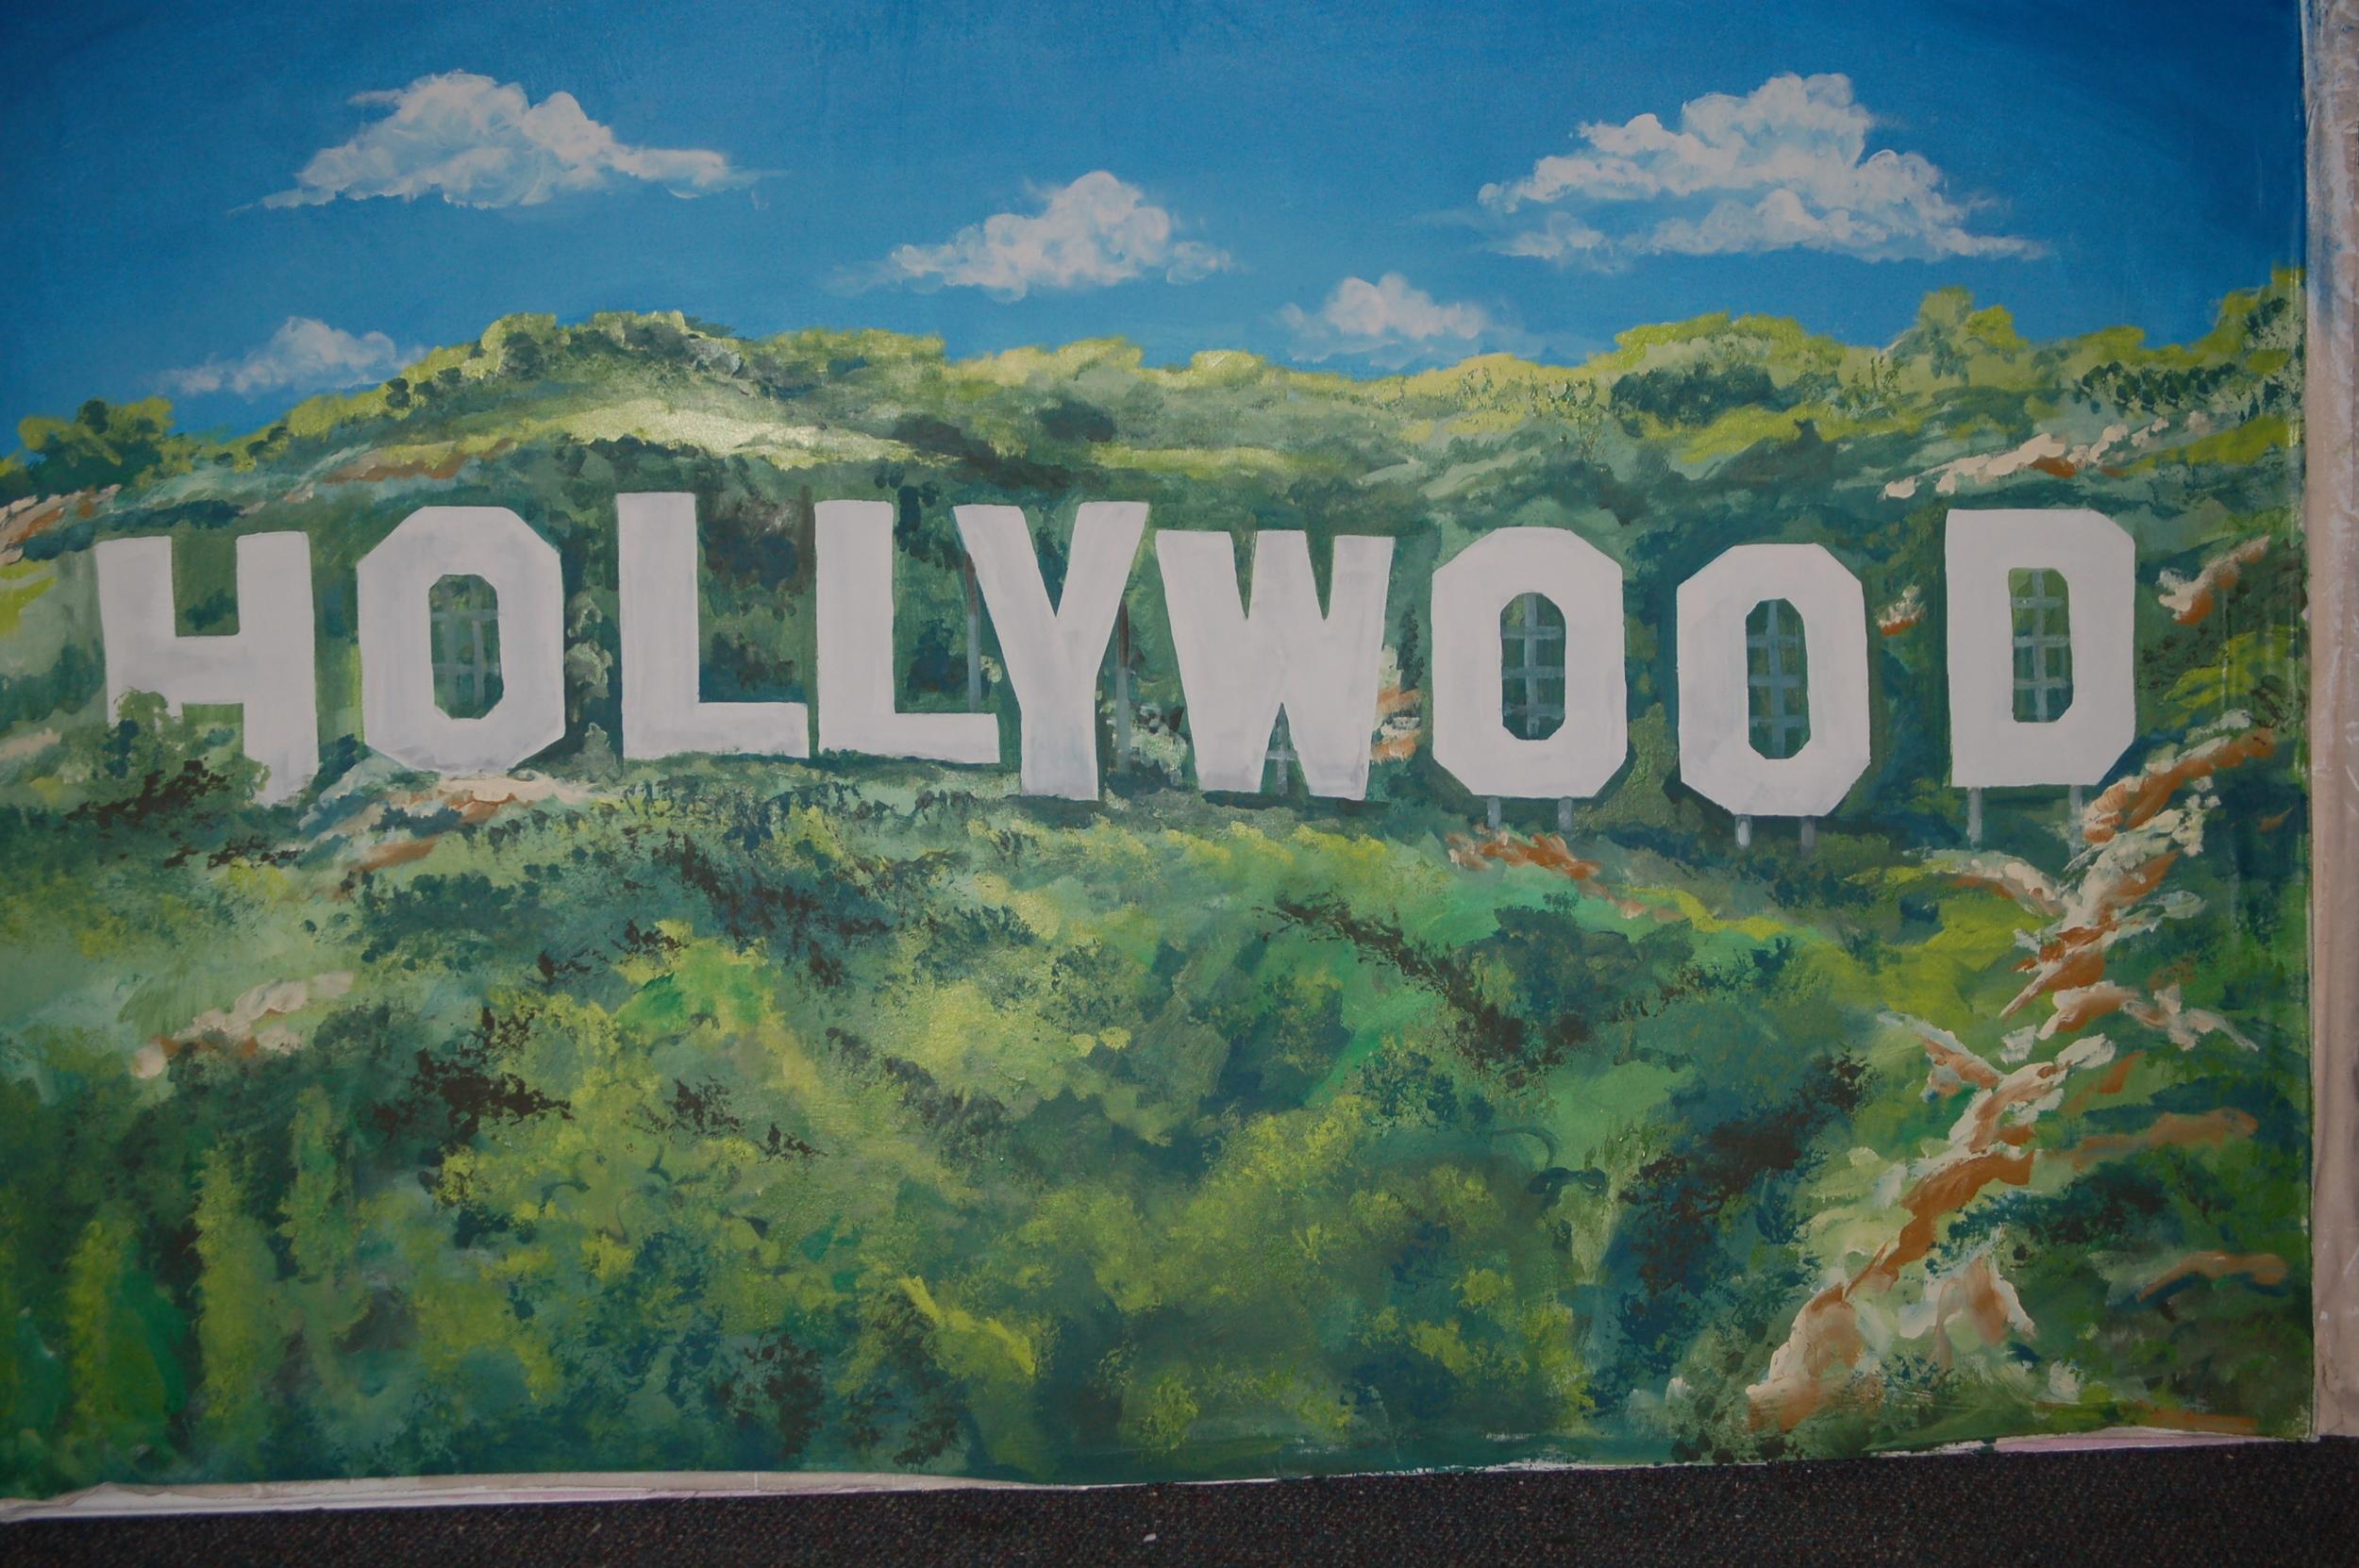 Hollywood_0297.JPG